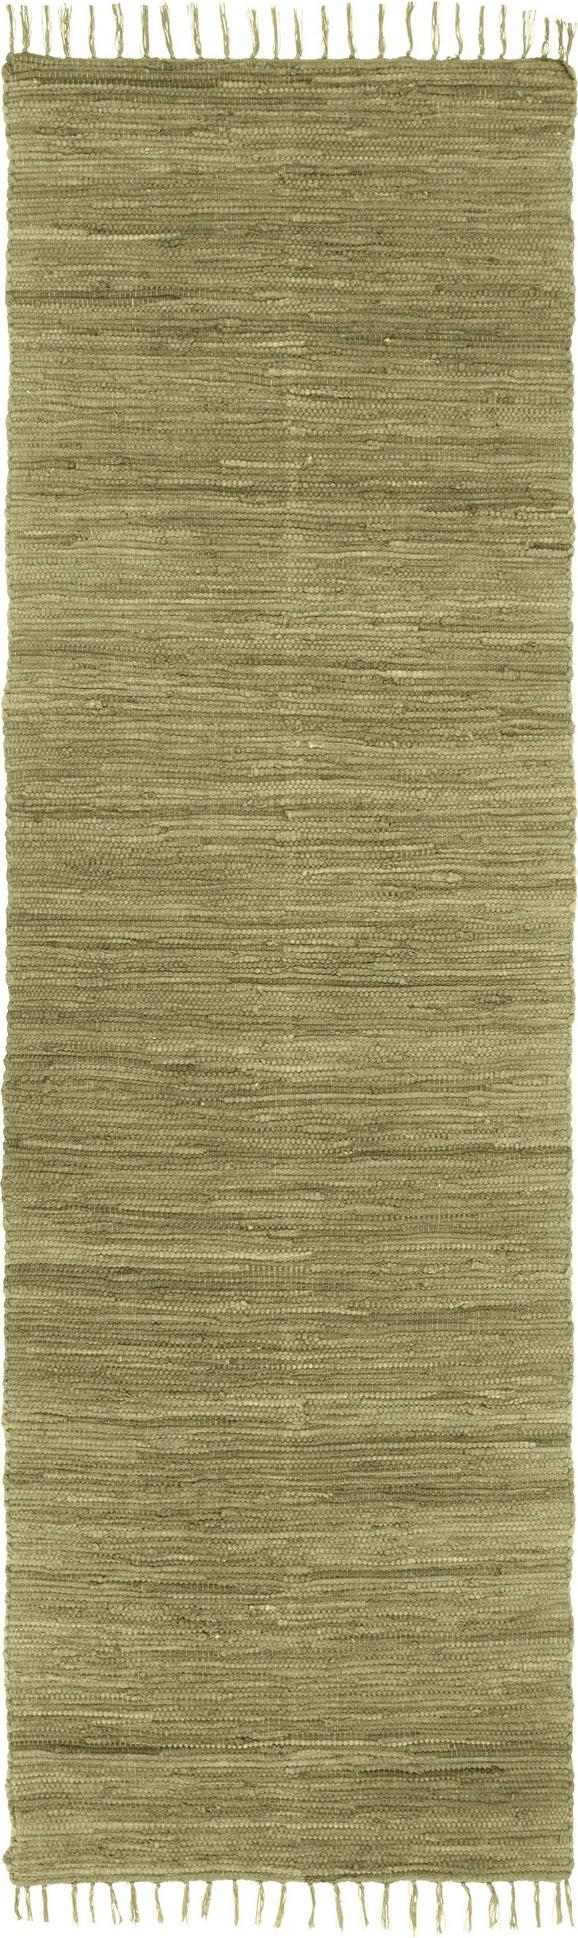 Rongyszőnyeg Julia - barna, konvencionális, textil (70/230cm) - MÖMAX modern living